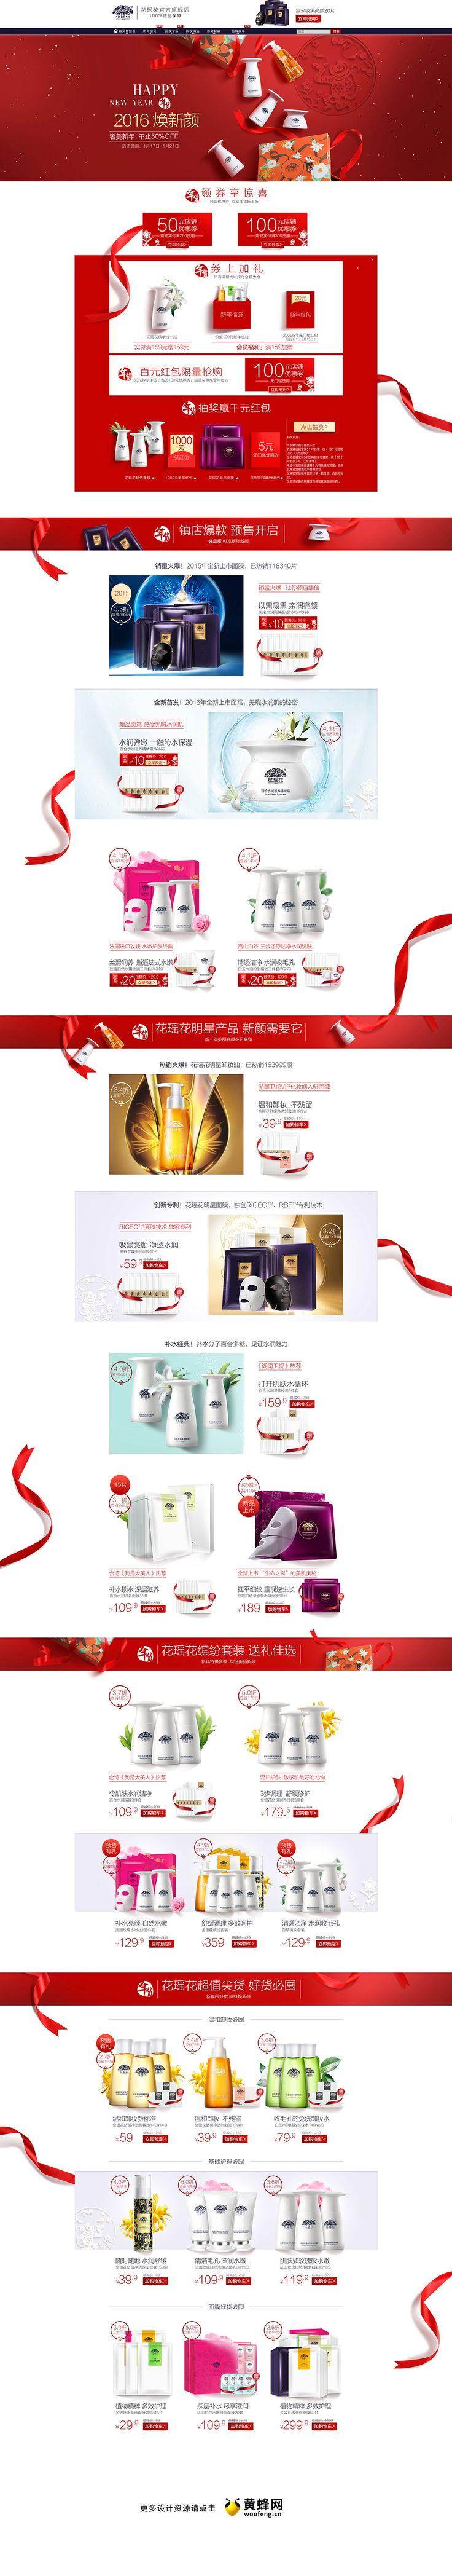 花瑶花美妆彩妆化妆品年货节天猫首页活动专题页面设计 更多设计资源尽在黄蜂网http://woofeng.cn/